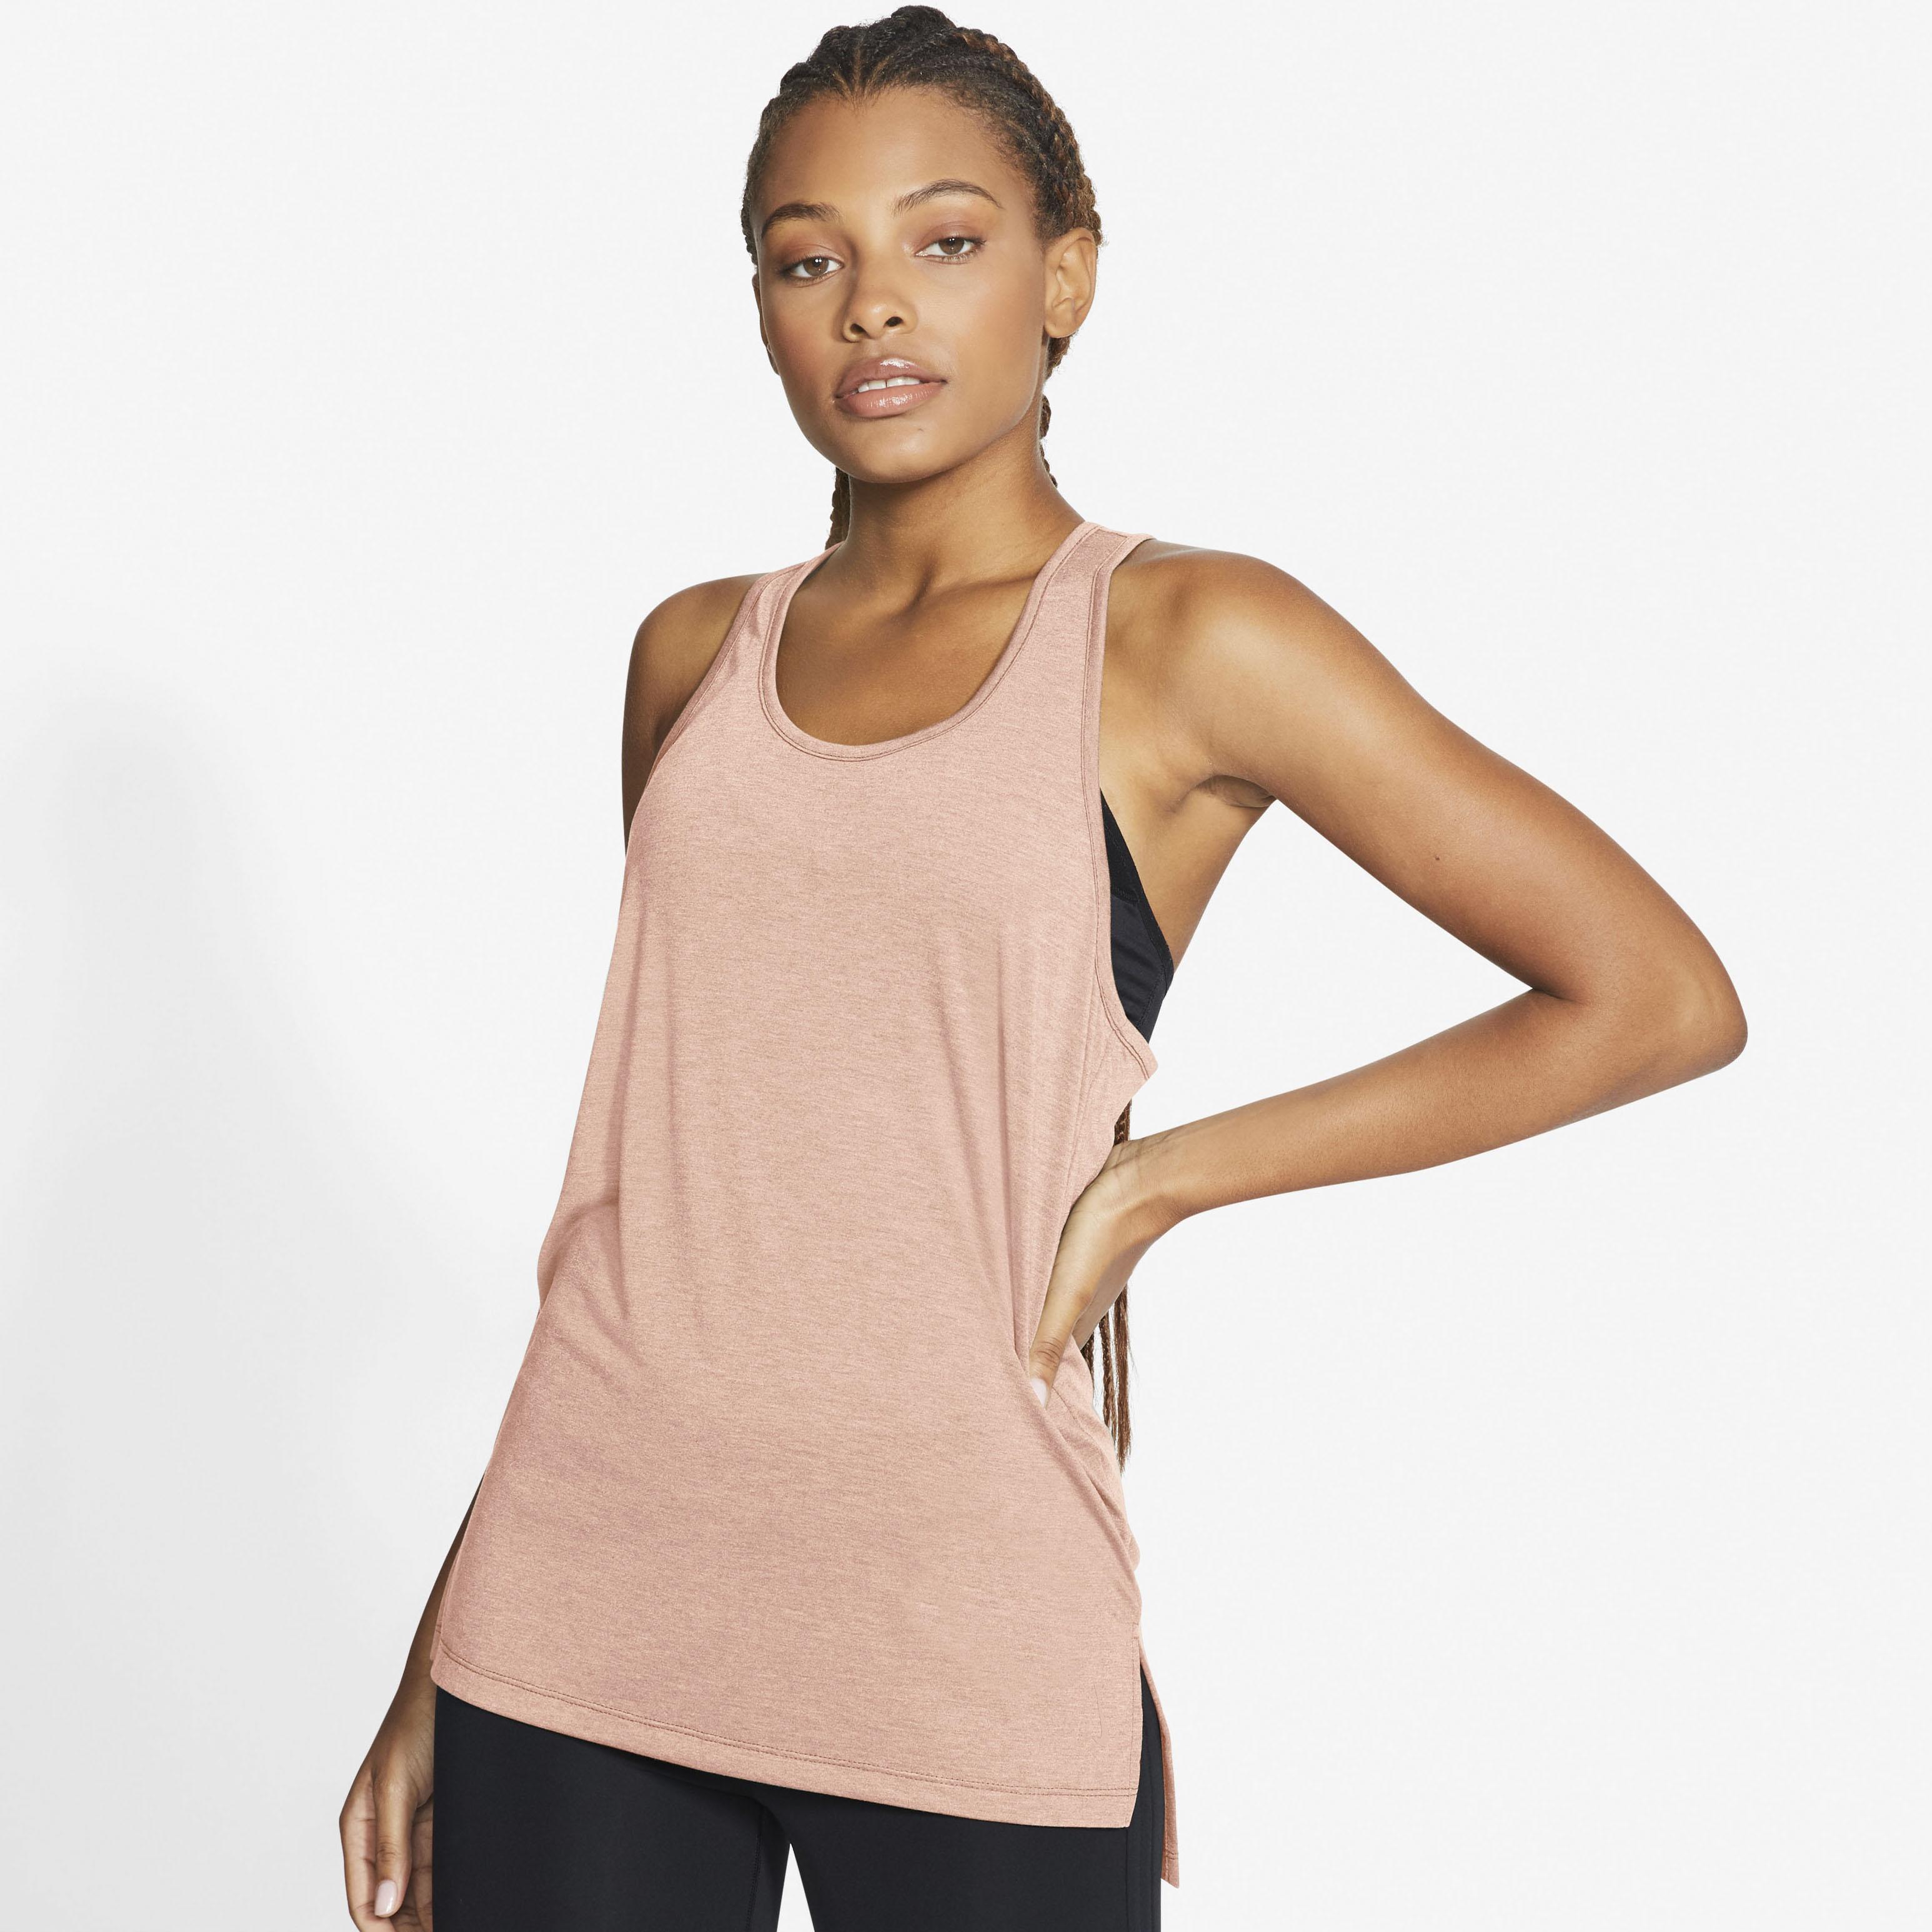 Nike Yogatop Yoga Women's Tank orange Damen Tops